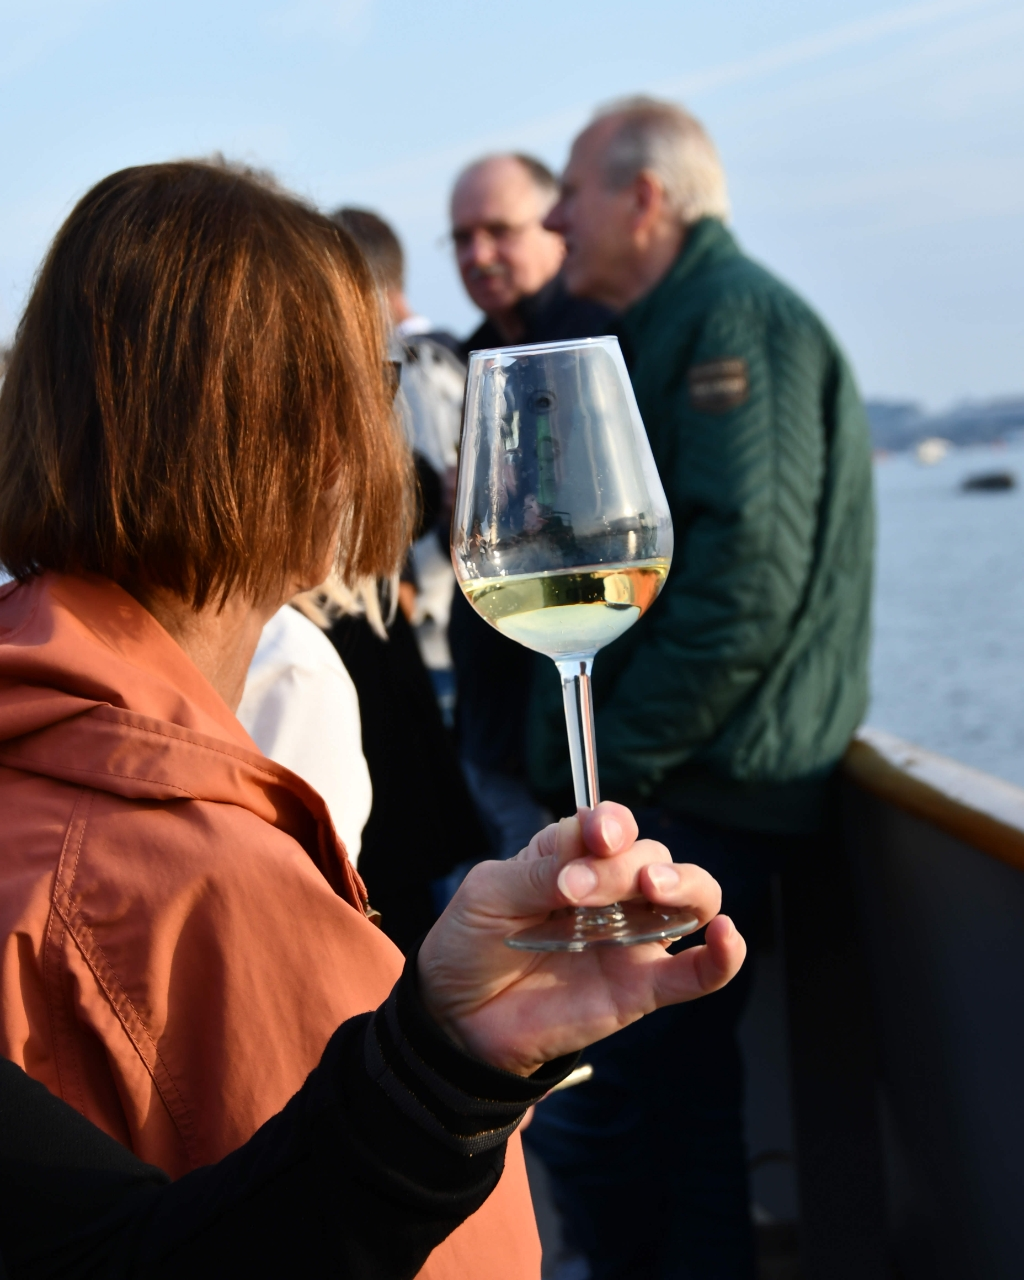 Wijntje hoort erbij. ((Foto: Dirk Karten)) © rodi